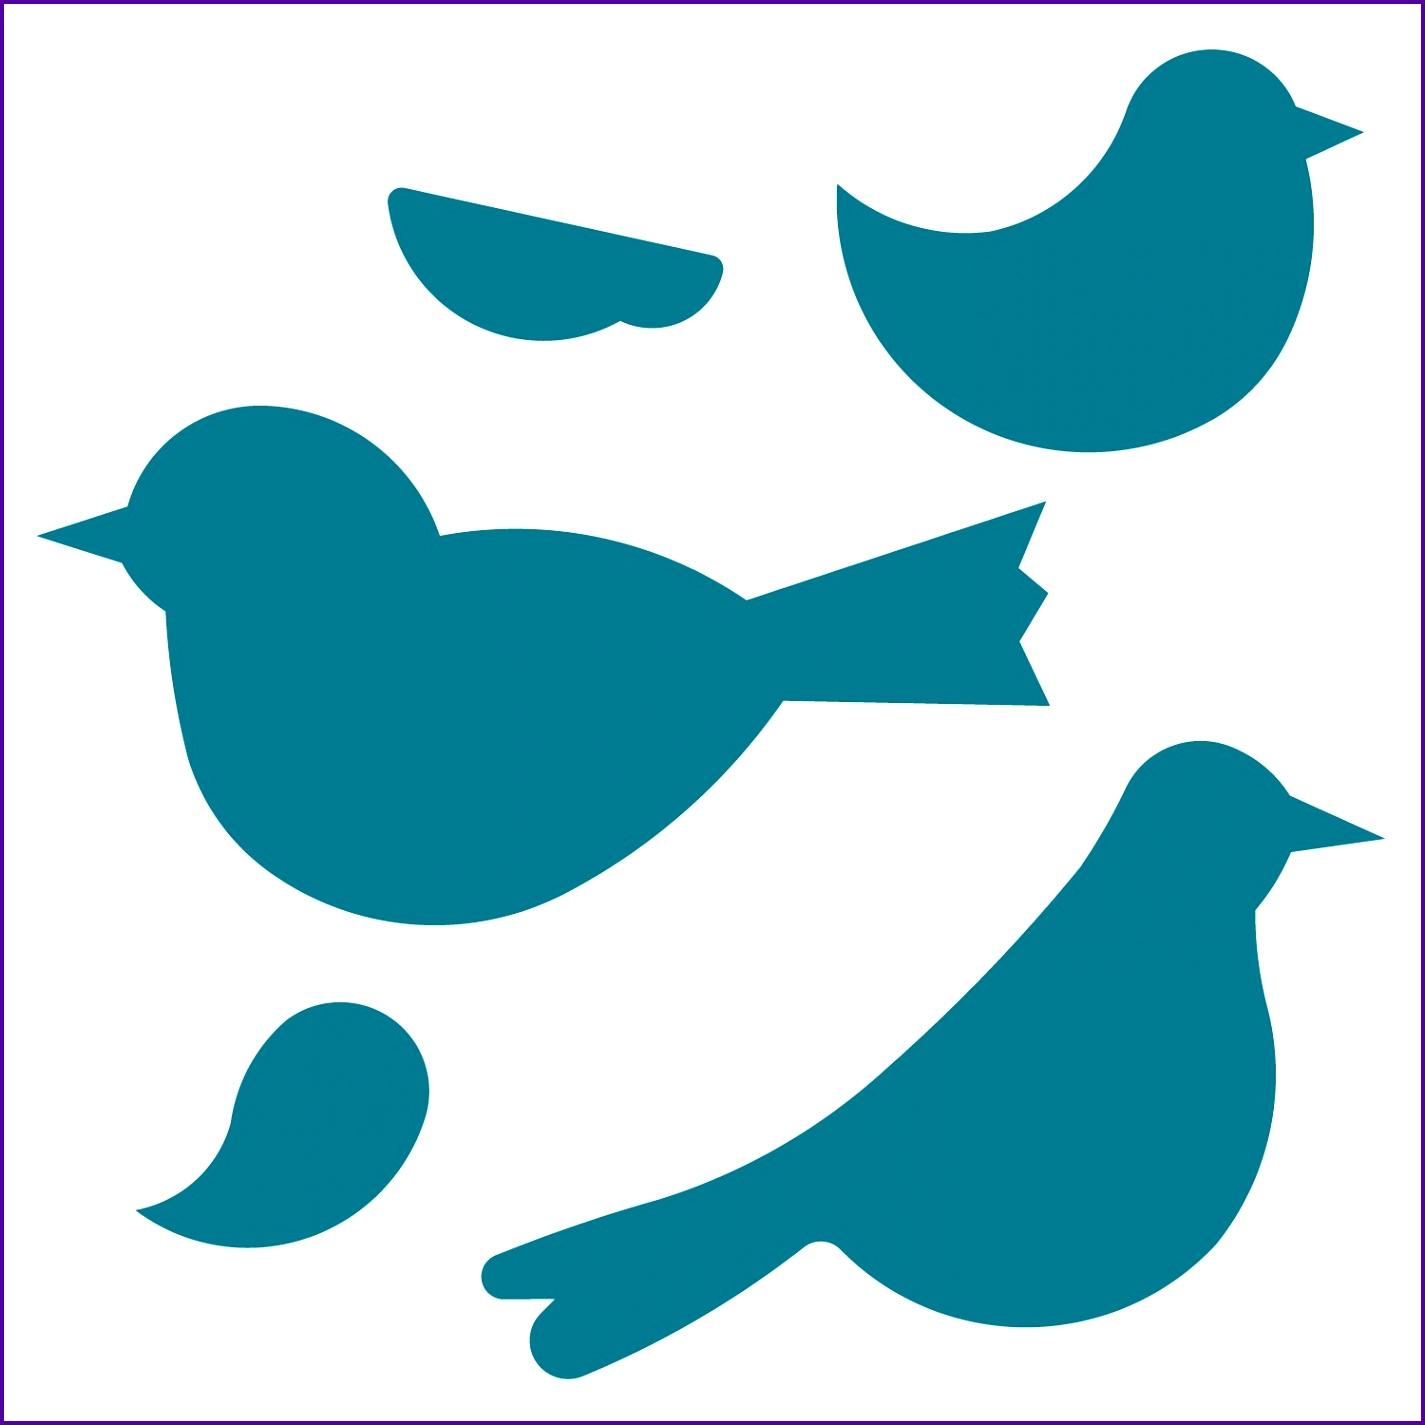 1425x1425 Bird Silhouette Stencil Best 25 Flying Bird Silhouette Ideas